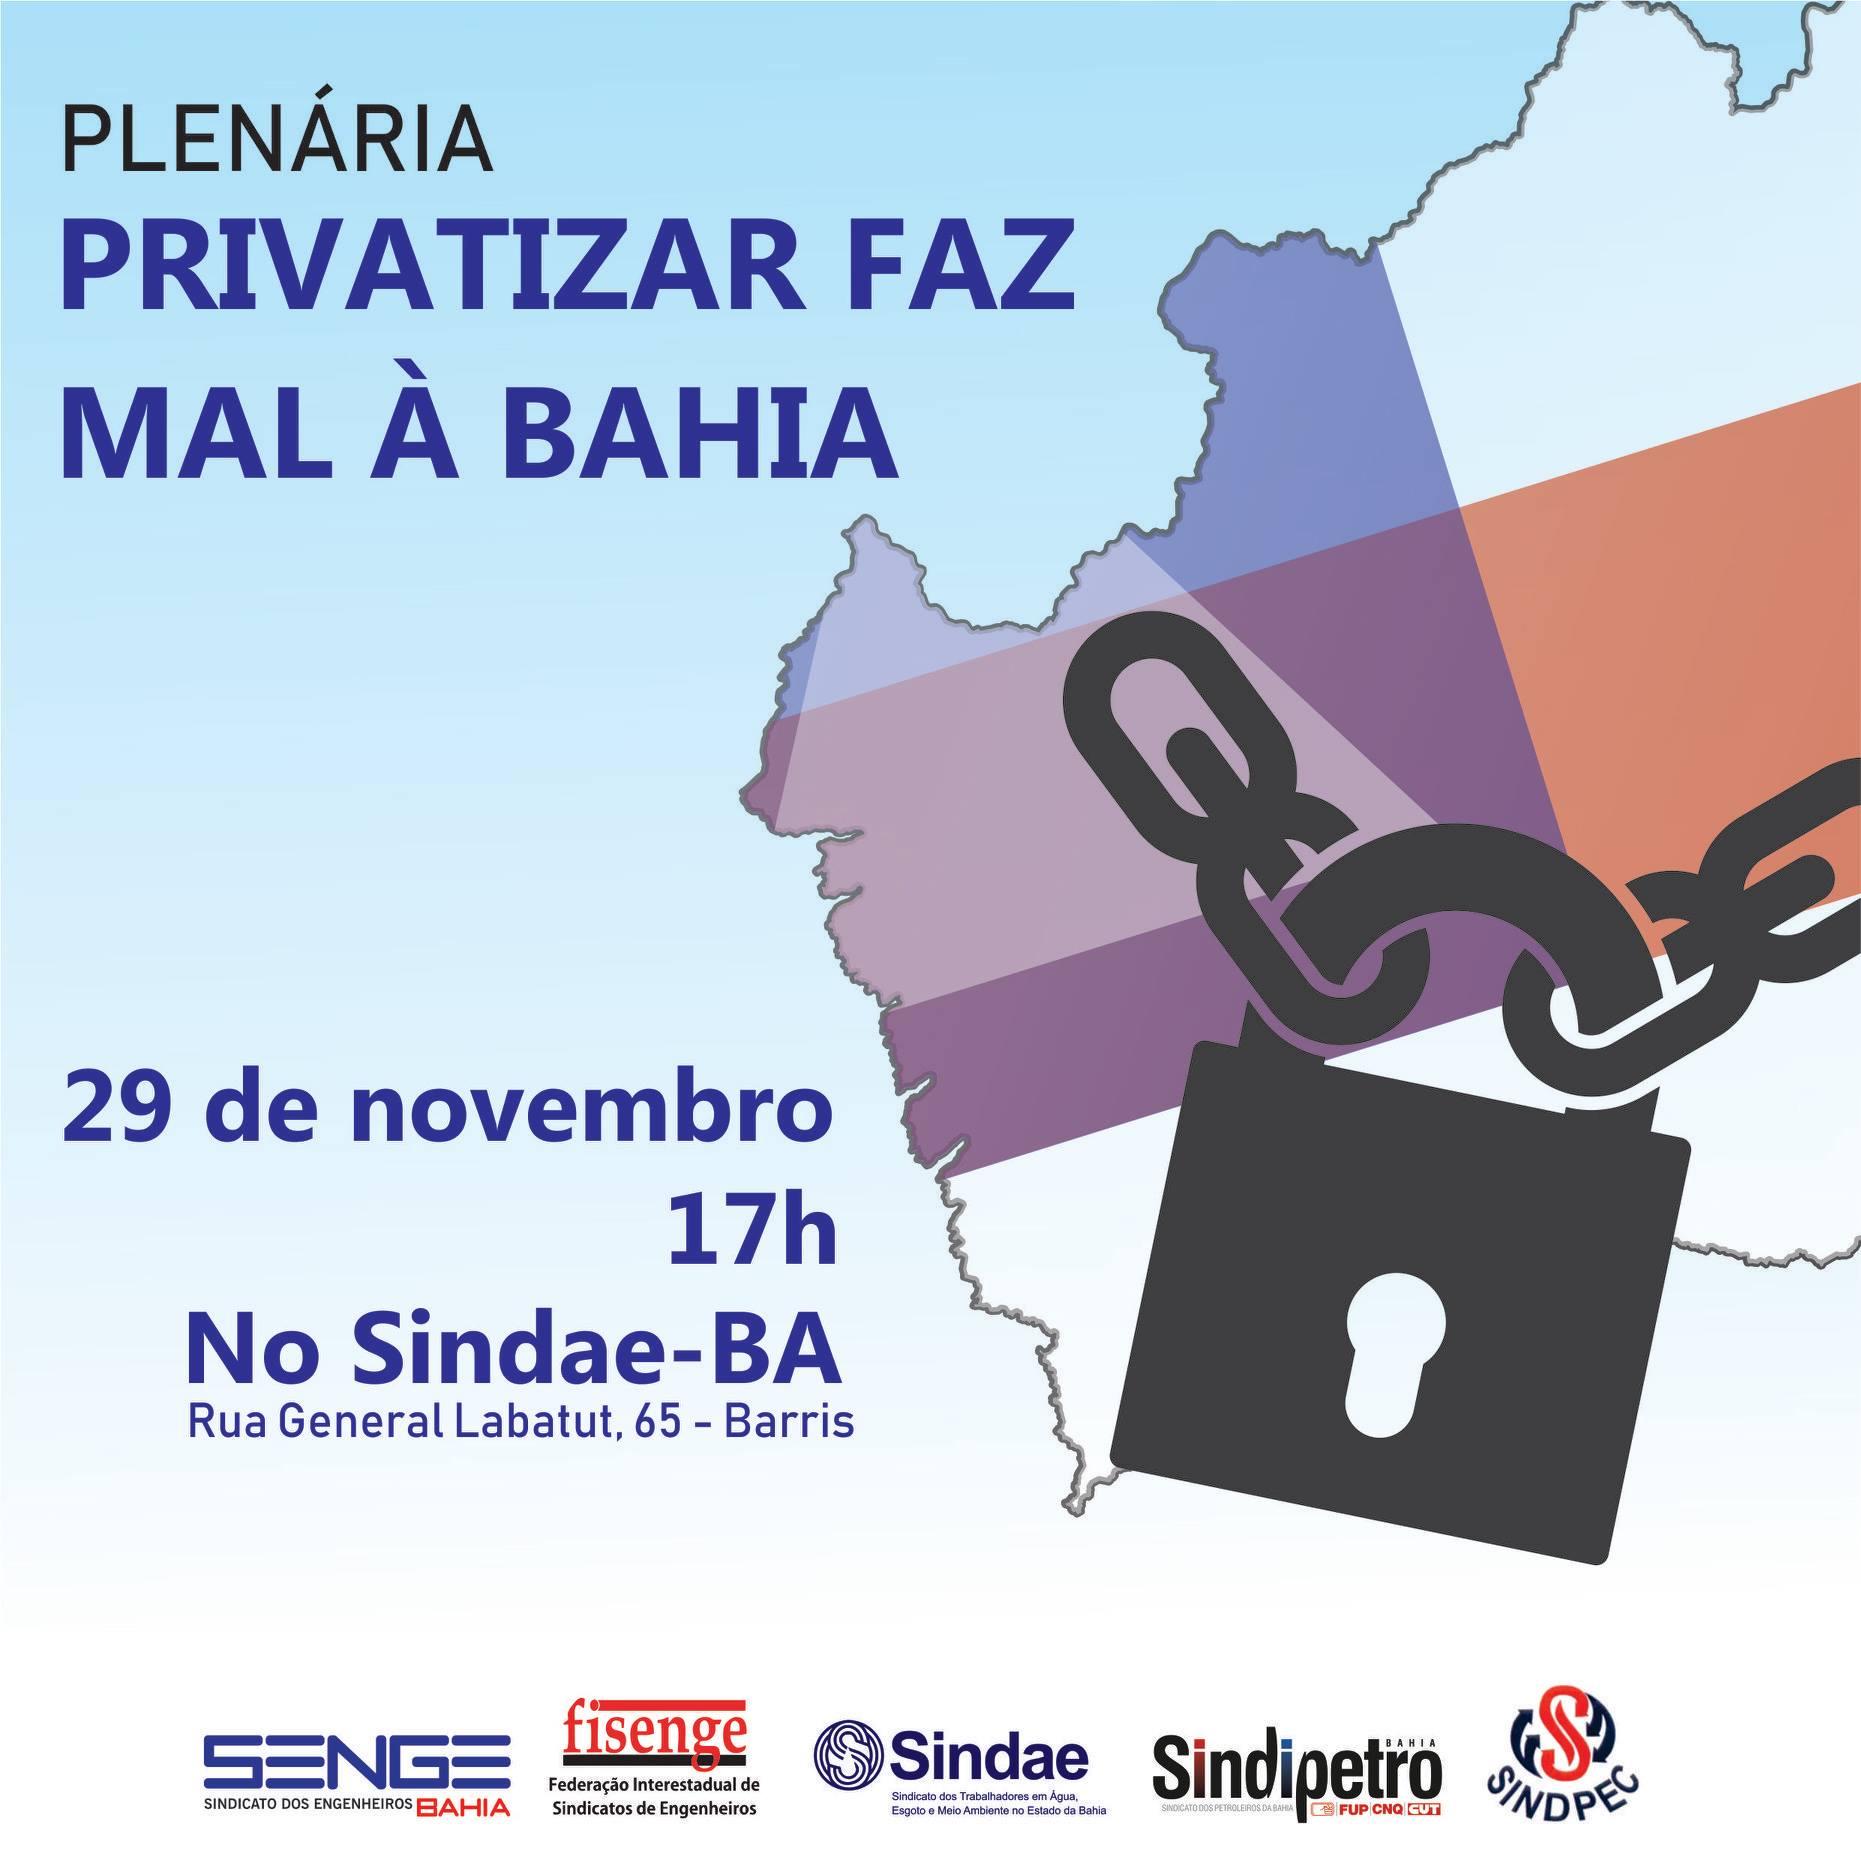 Plenária irá debater cenário de privatizações na Bahia